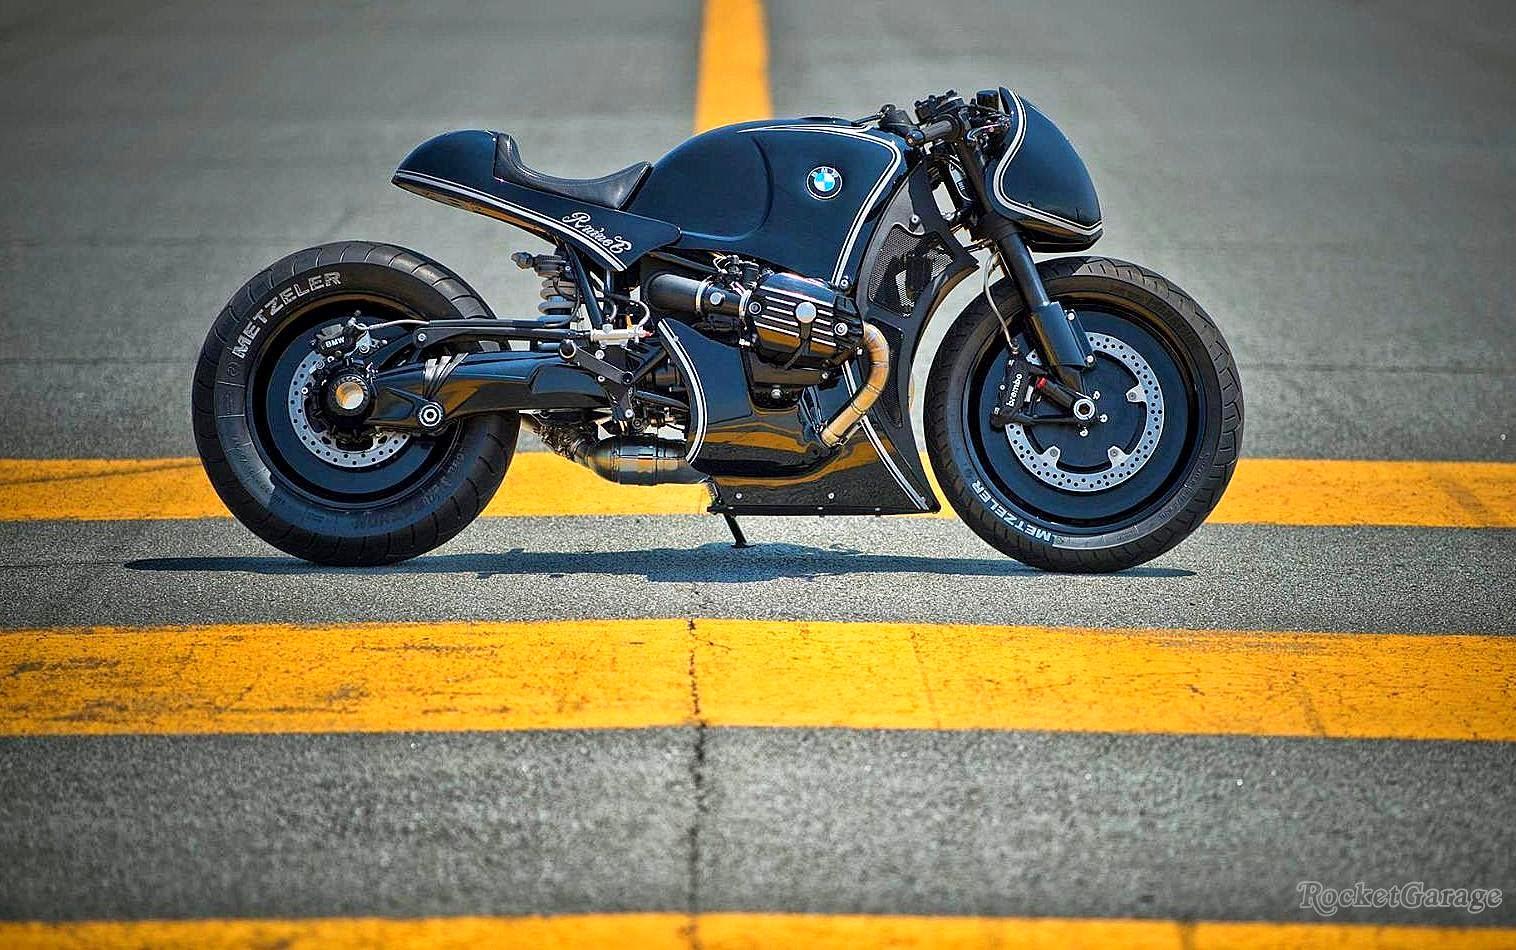 Bmw r nine t custom project rocketgarage cafe racer magazine